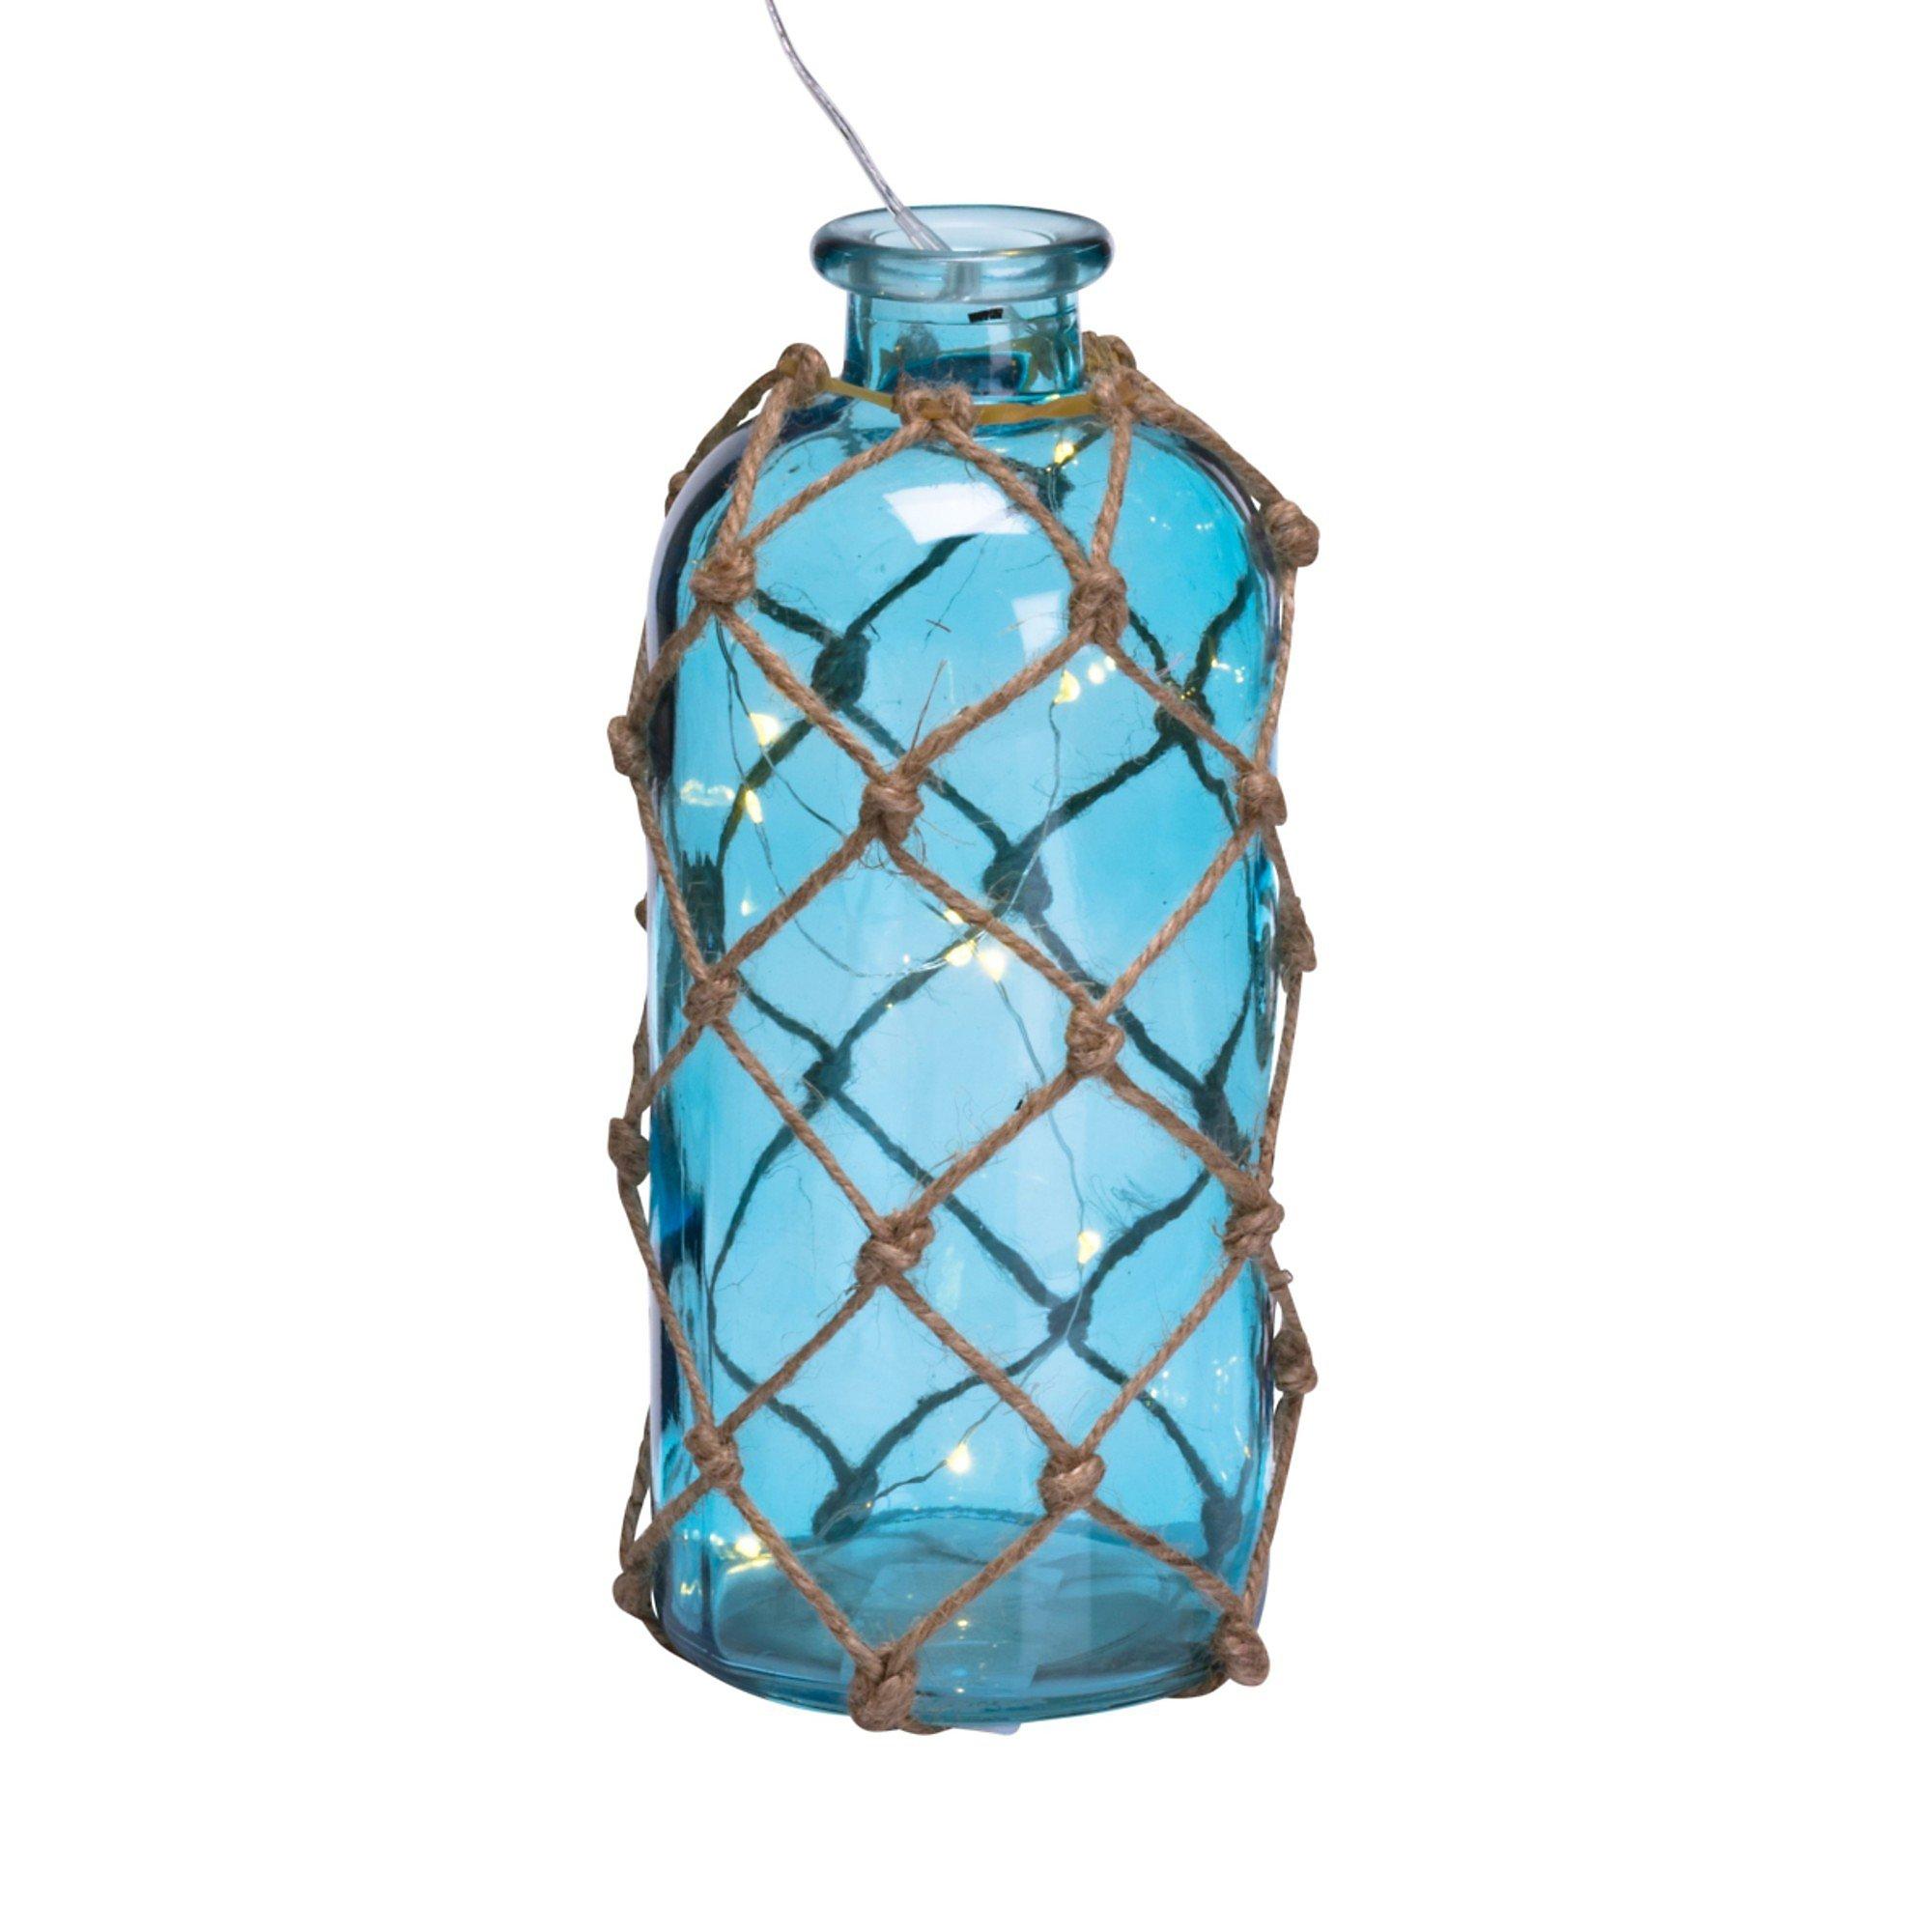 Deko Flasche Mit Led Lichterkette Net Gross Weltbild At